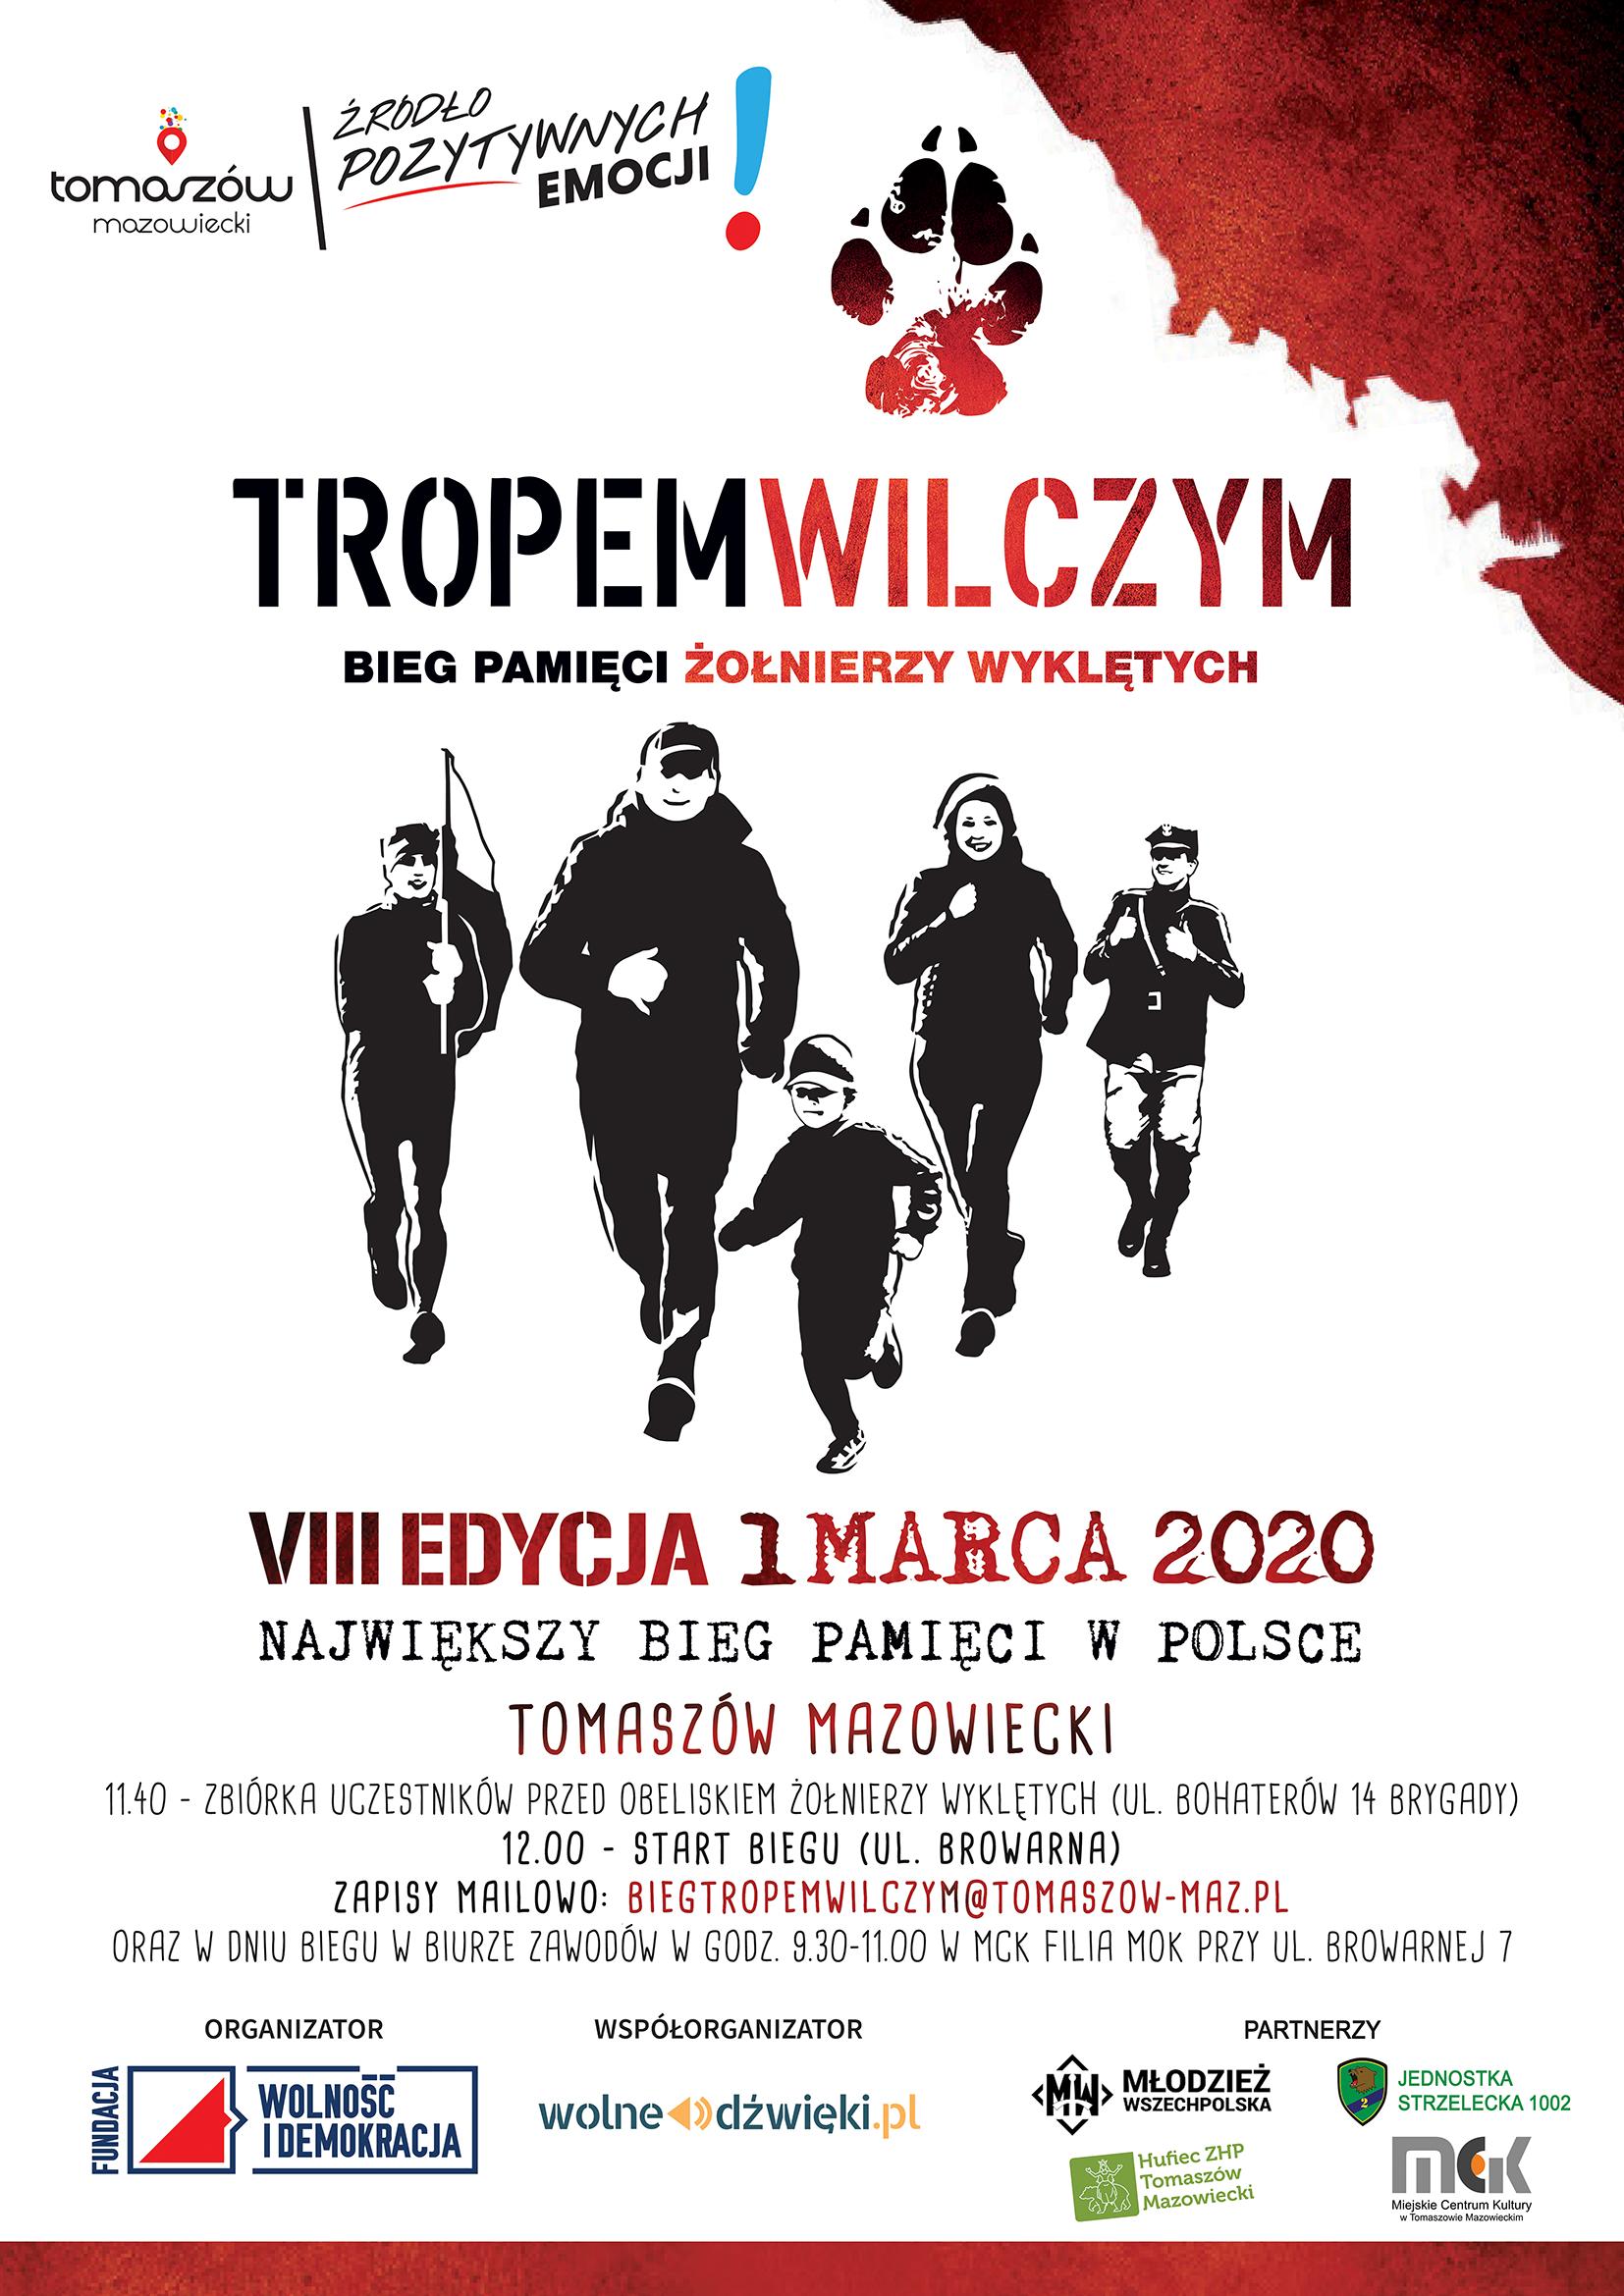 bieg tropem wilczym 2020 plakat